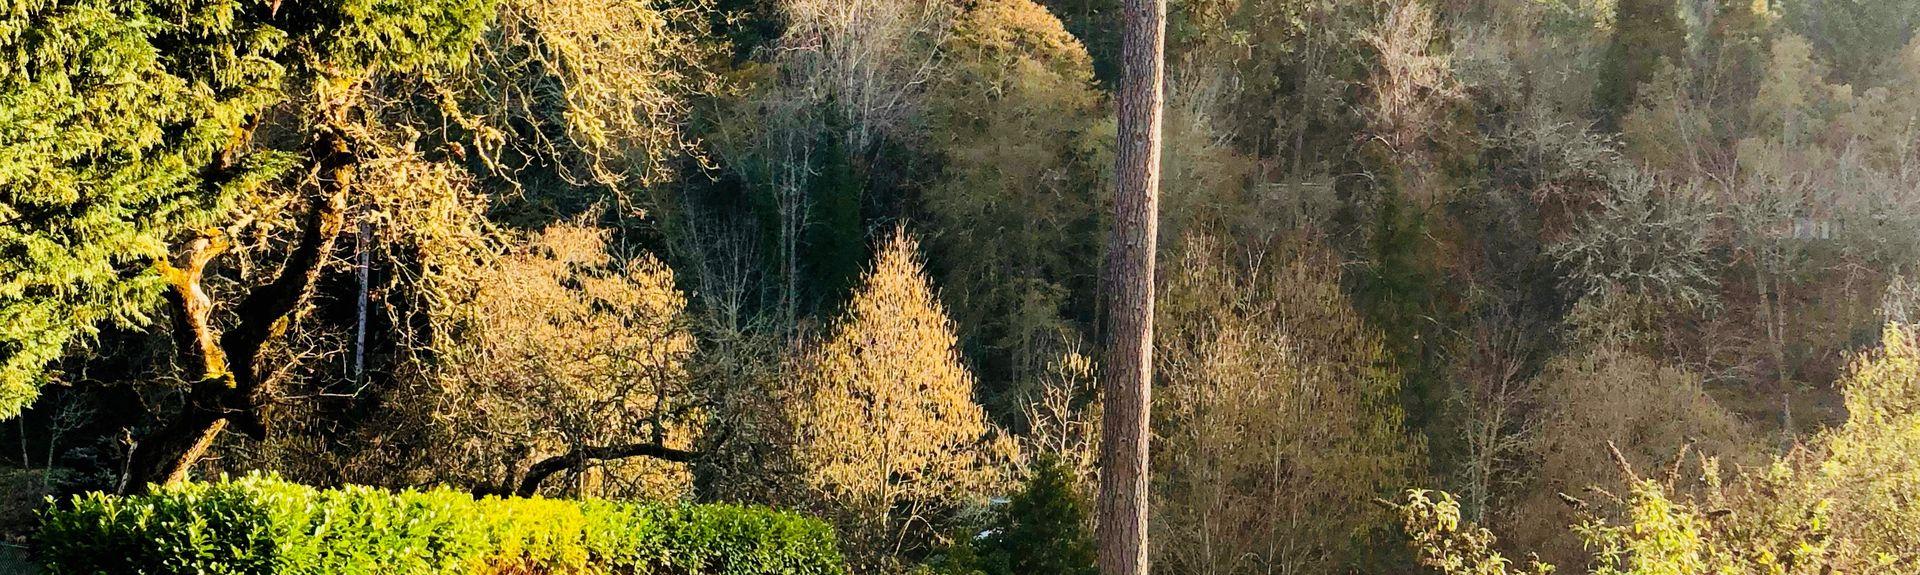 Redwood, OR, USA